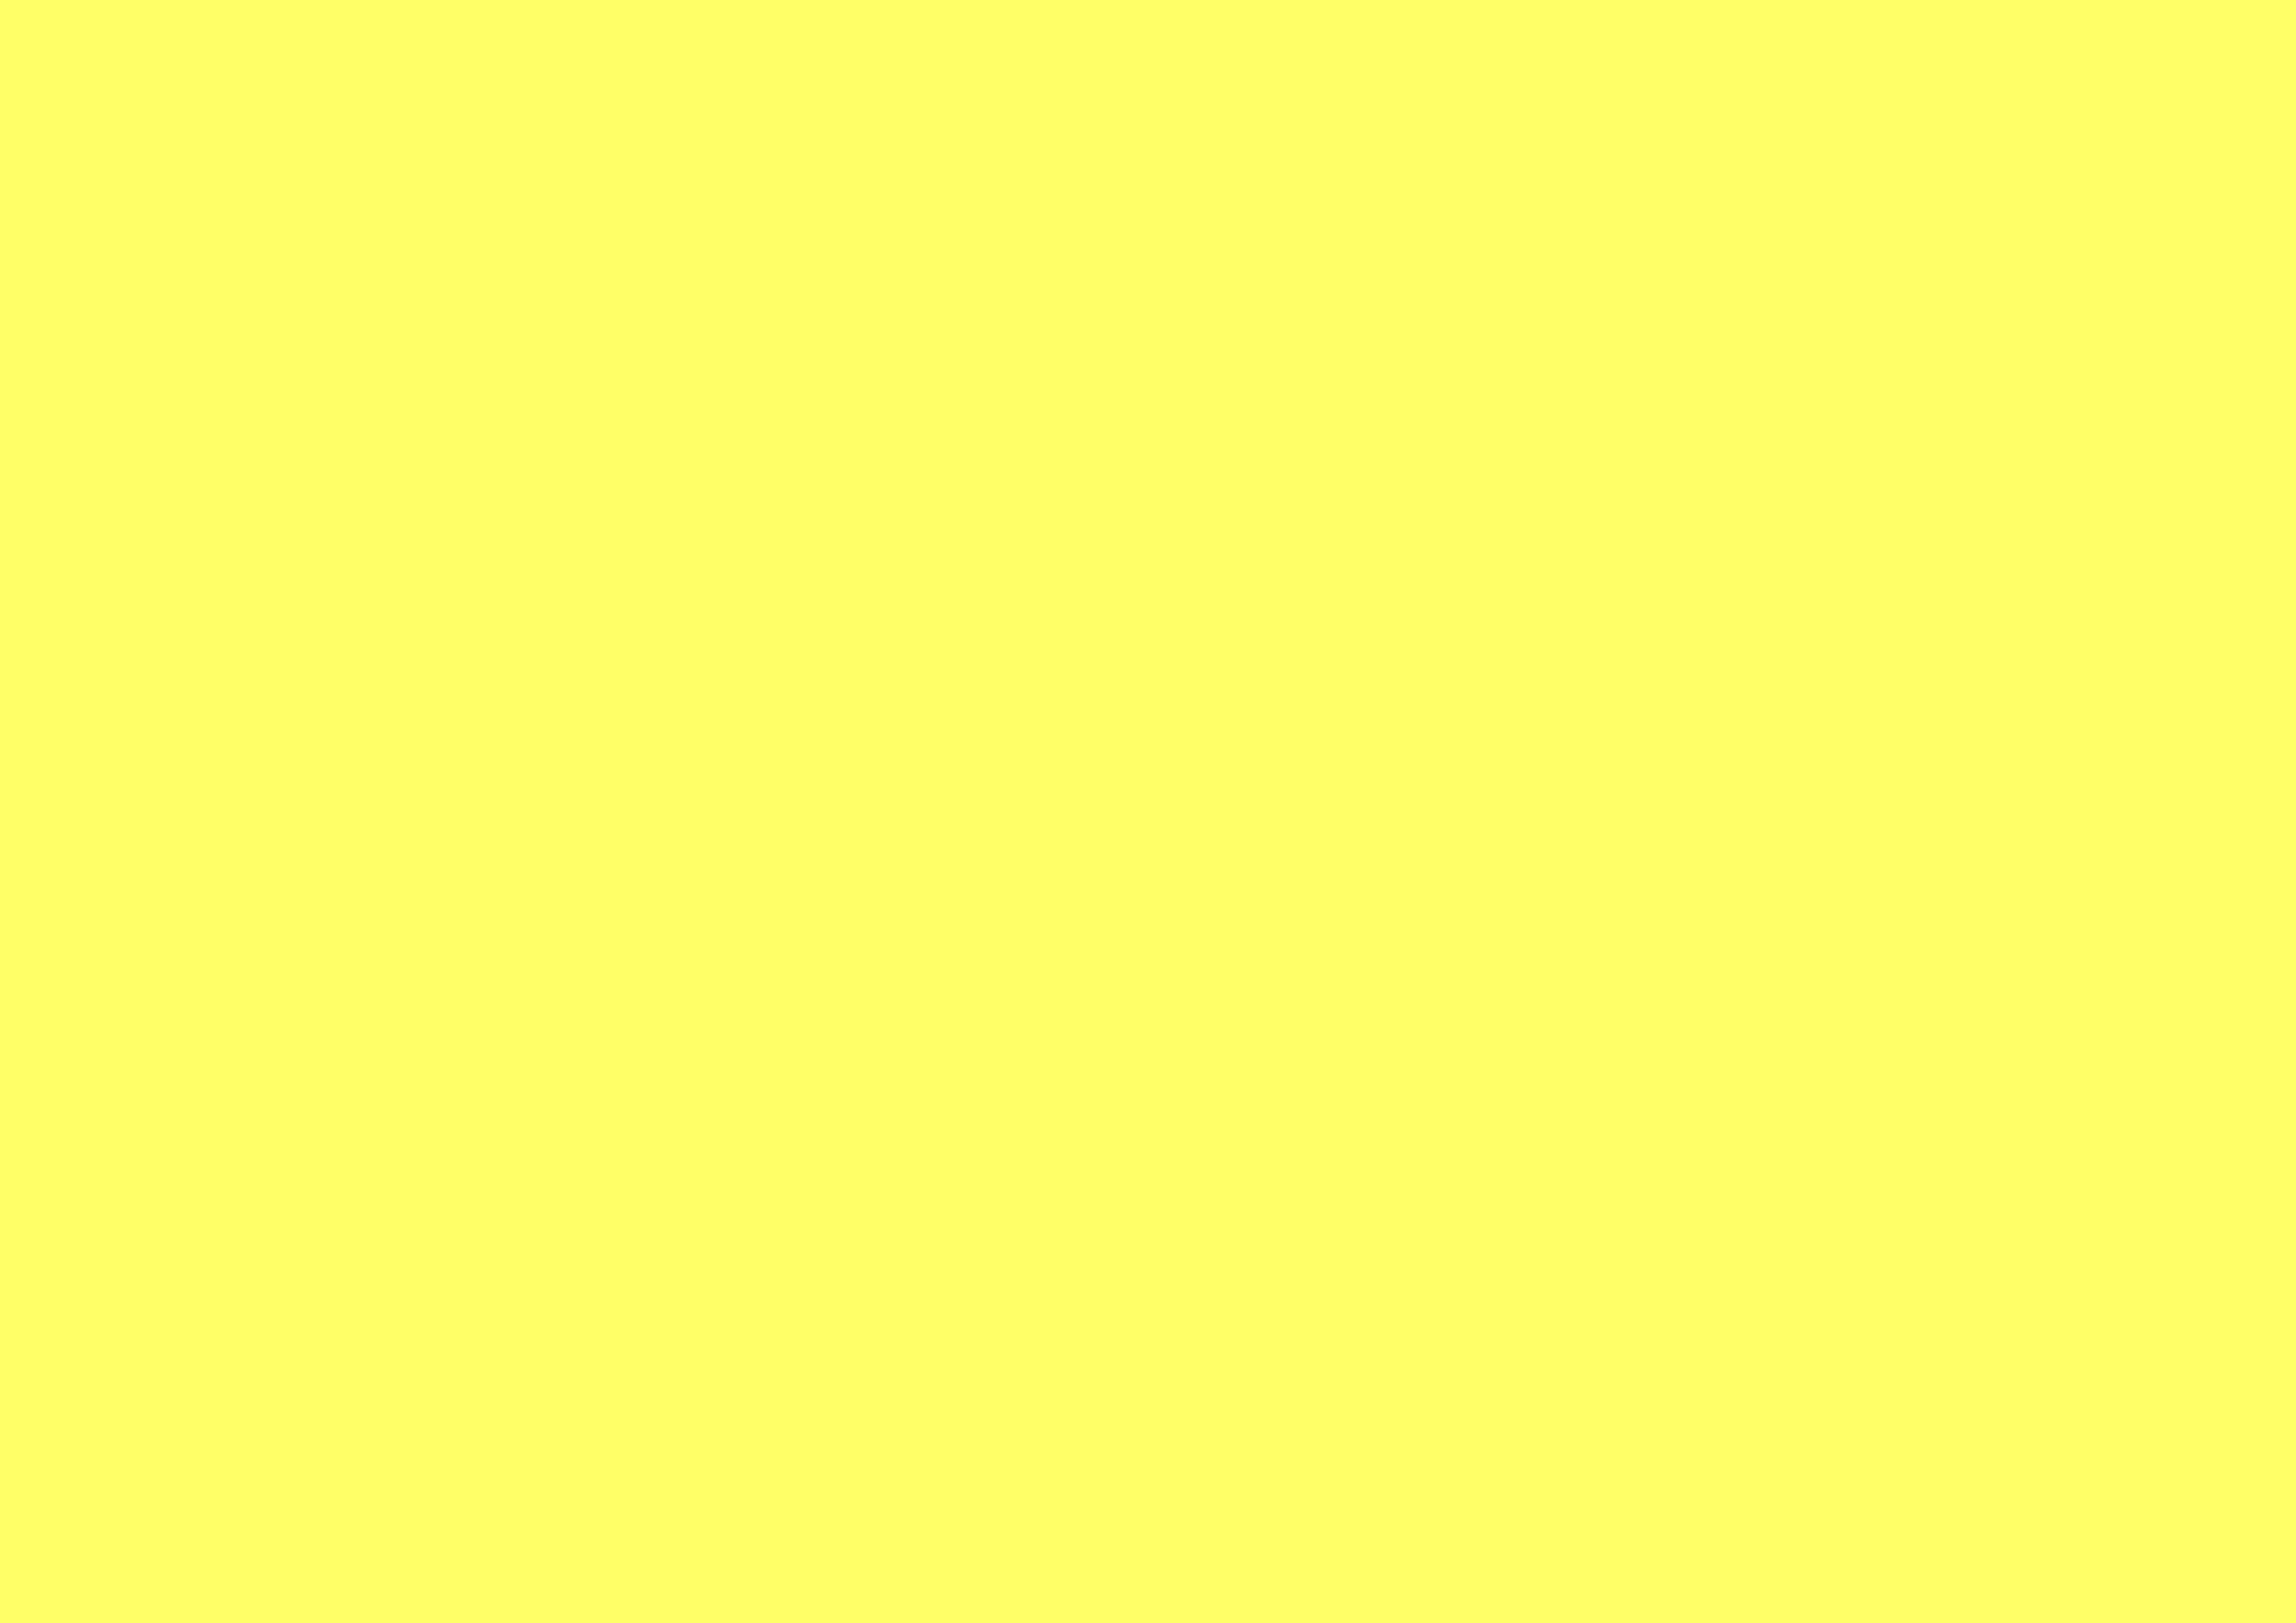 3508x2480 Laser Lemon Solid Color Background